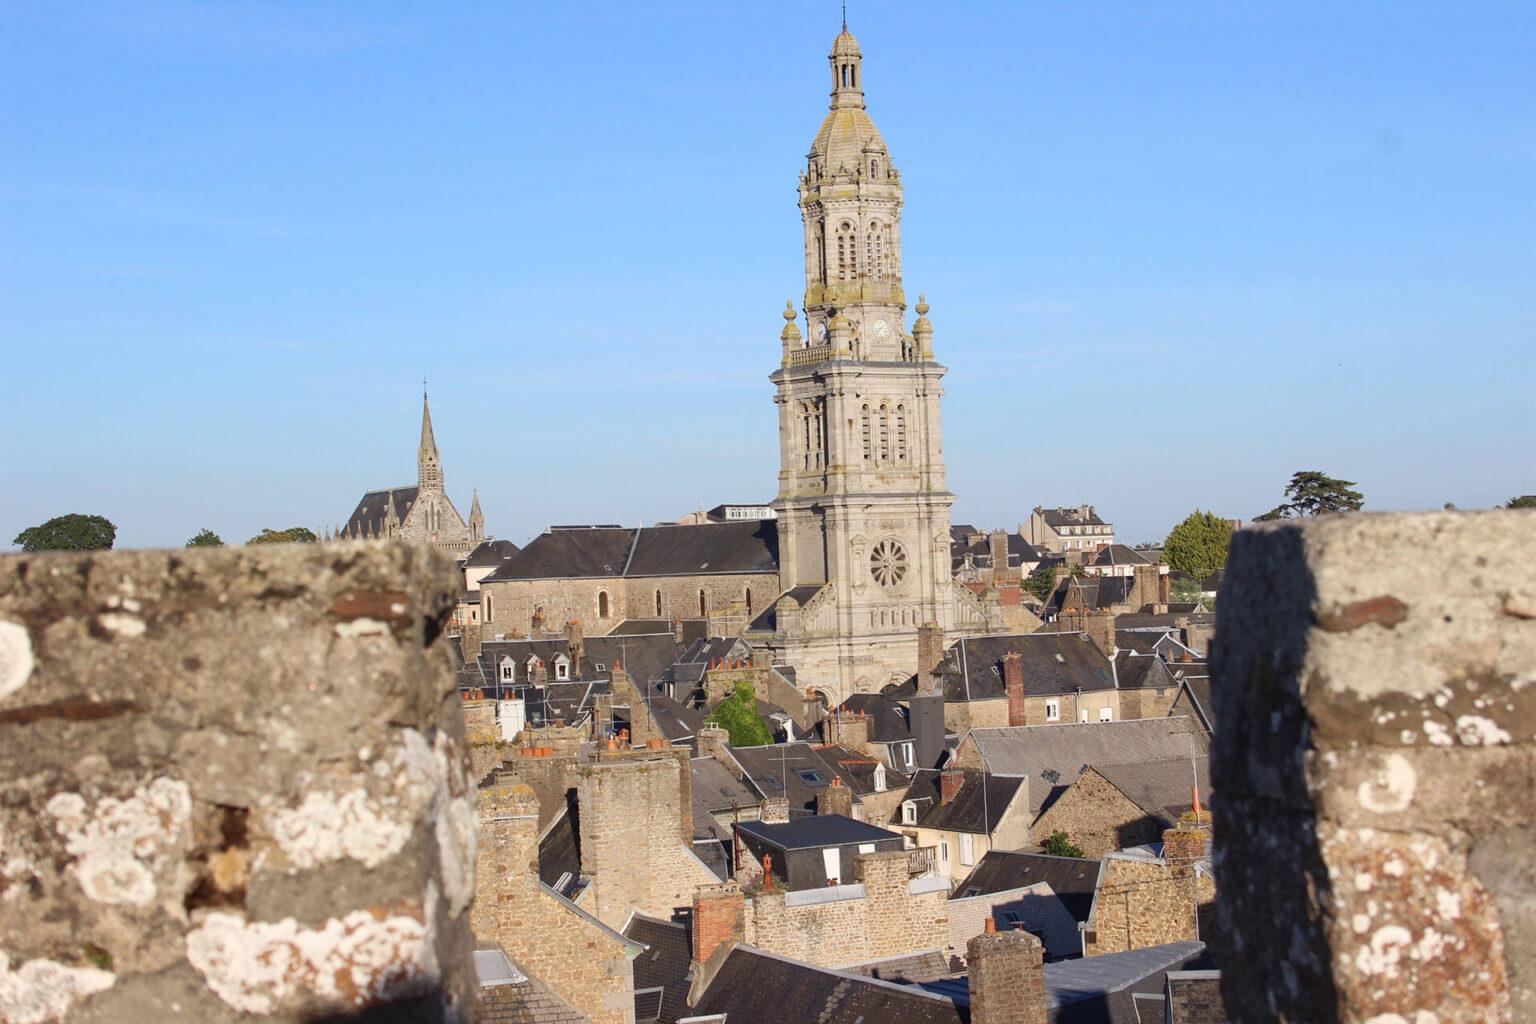 avranches gite - Les Cornillières - Location de Gite La Clef Decamp - Laclefdecamp.fr